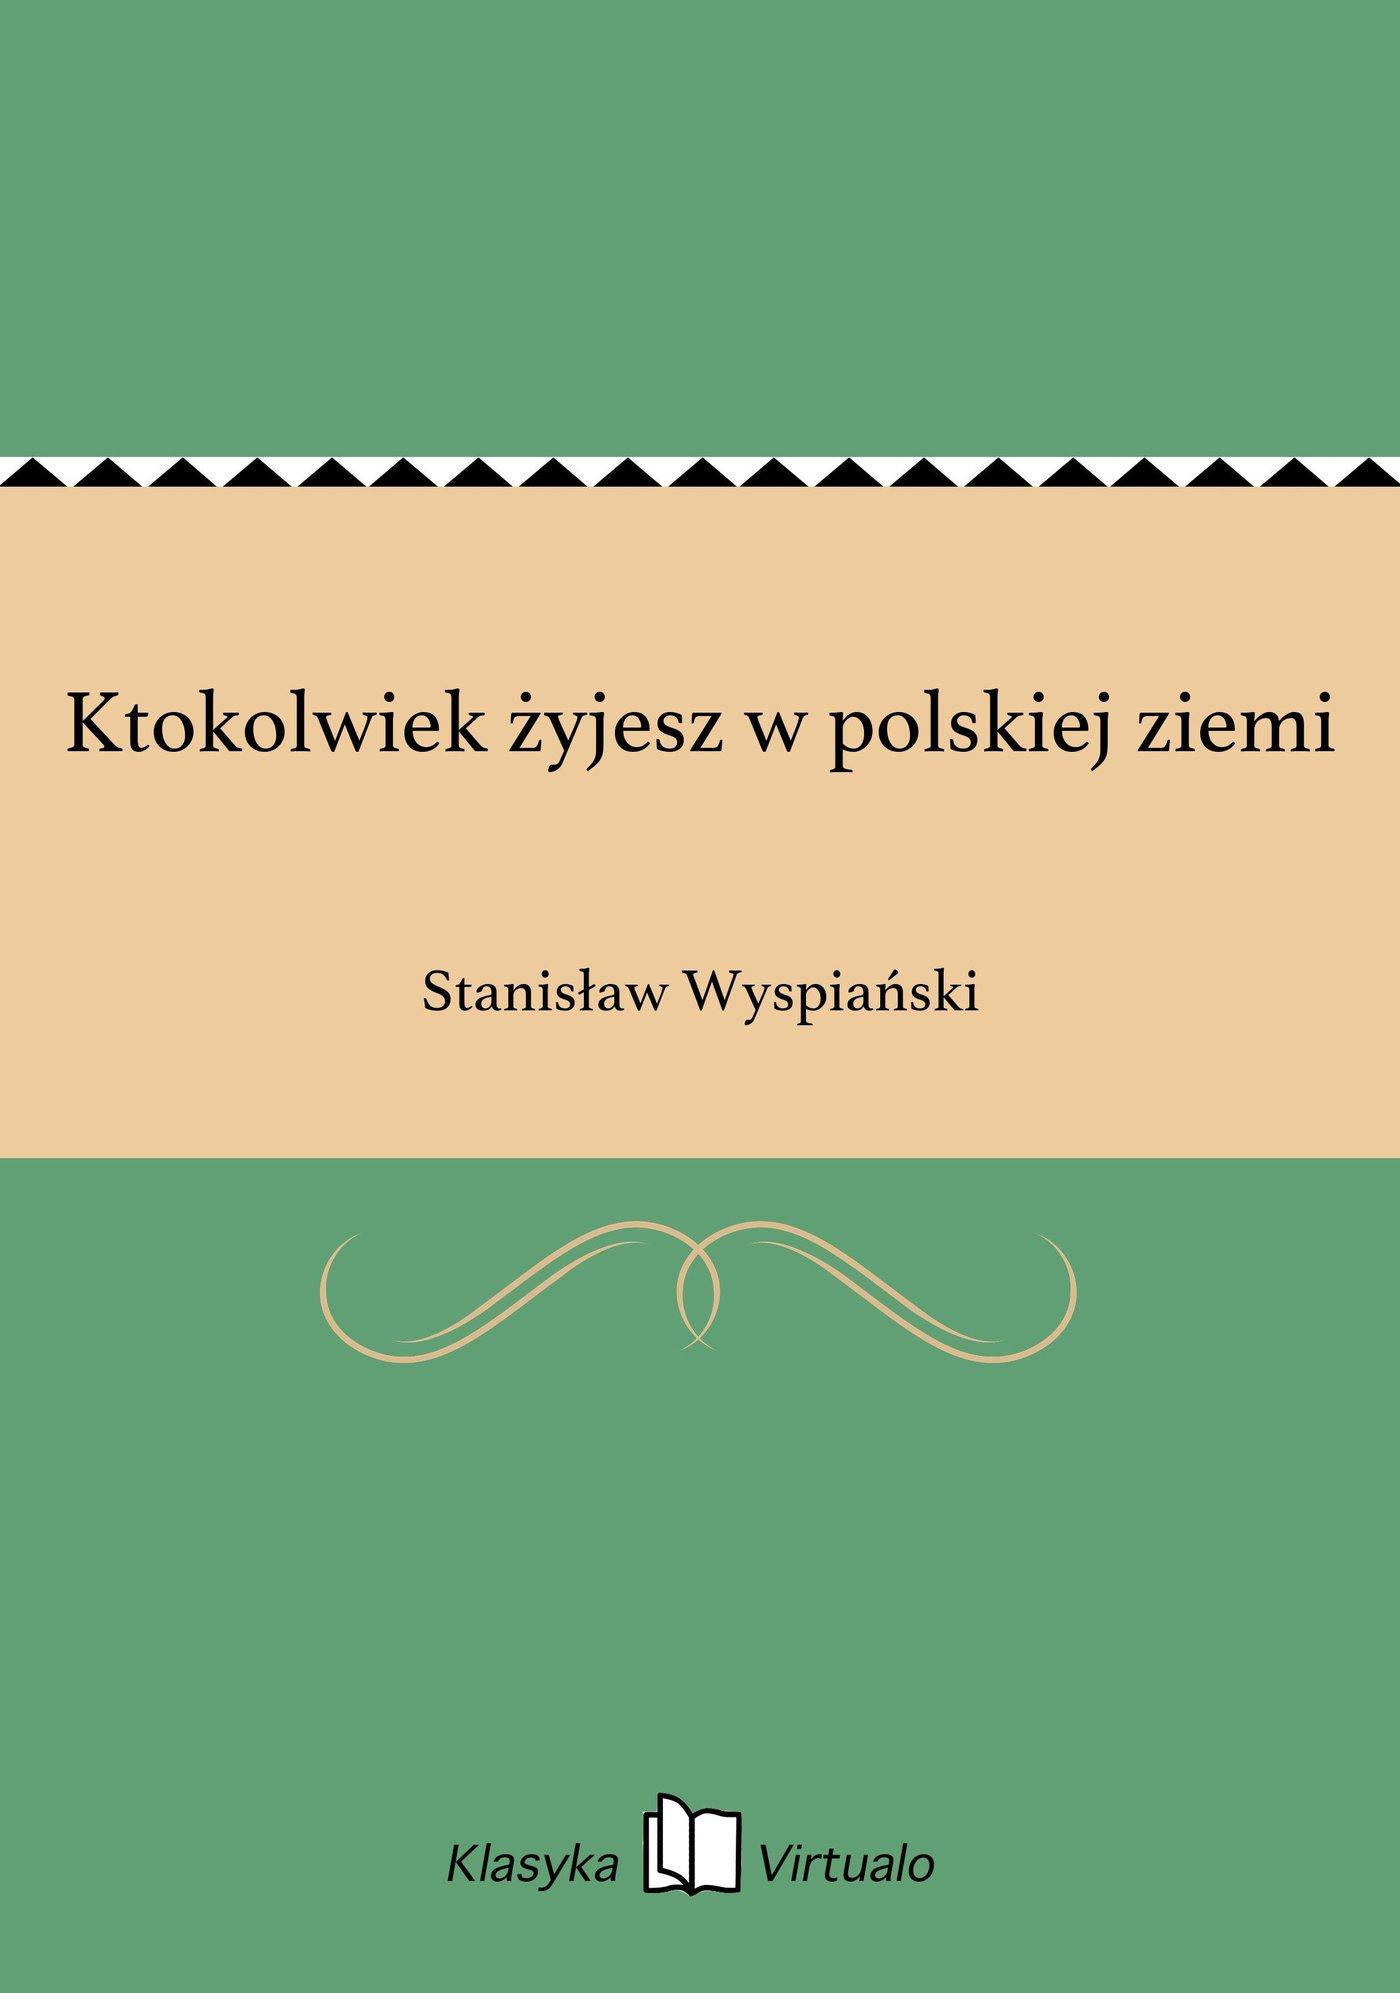 Ktokolwiek żyjesz w polskiej ziemi - Ebook (Książka EPUB) do pobrania w formacie EPUB